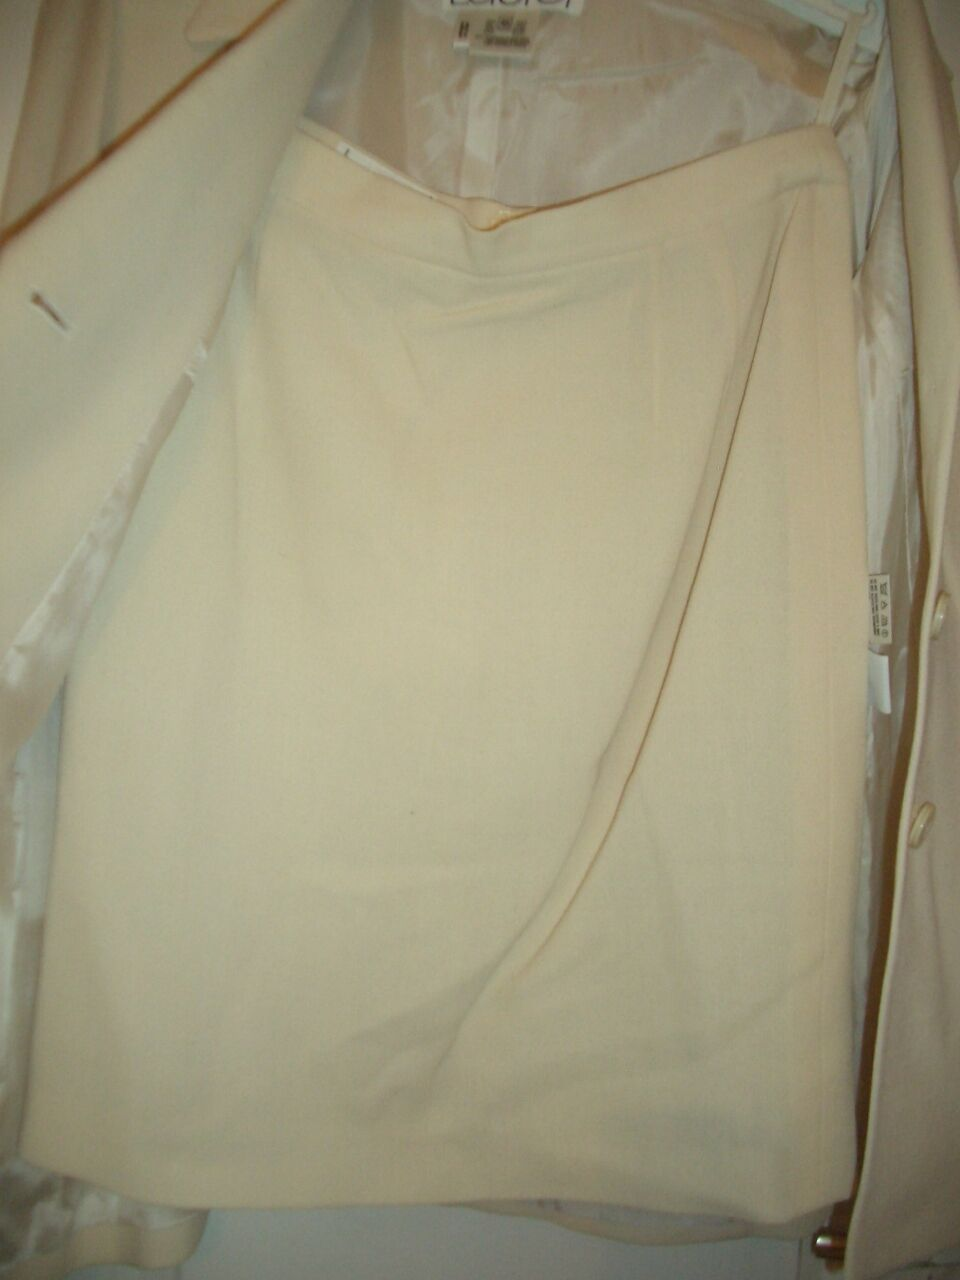 Elegante lusso Statement Escada Couture Laurel Laurel Laurel Costume CREMA 40 42 np1180, - Landhaus 6d55f8